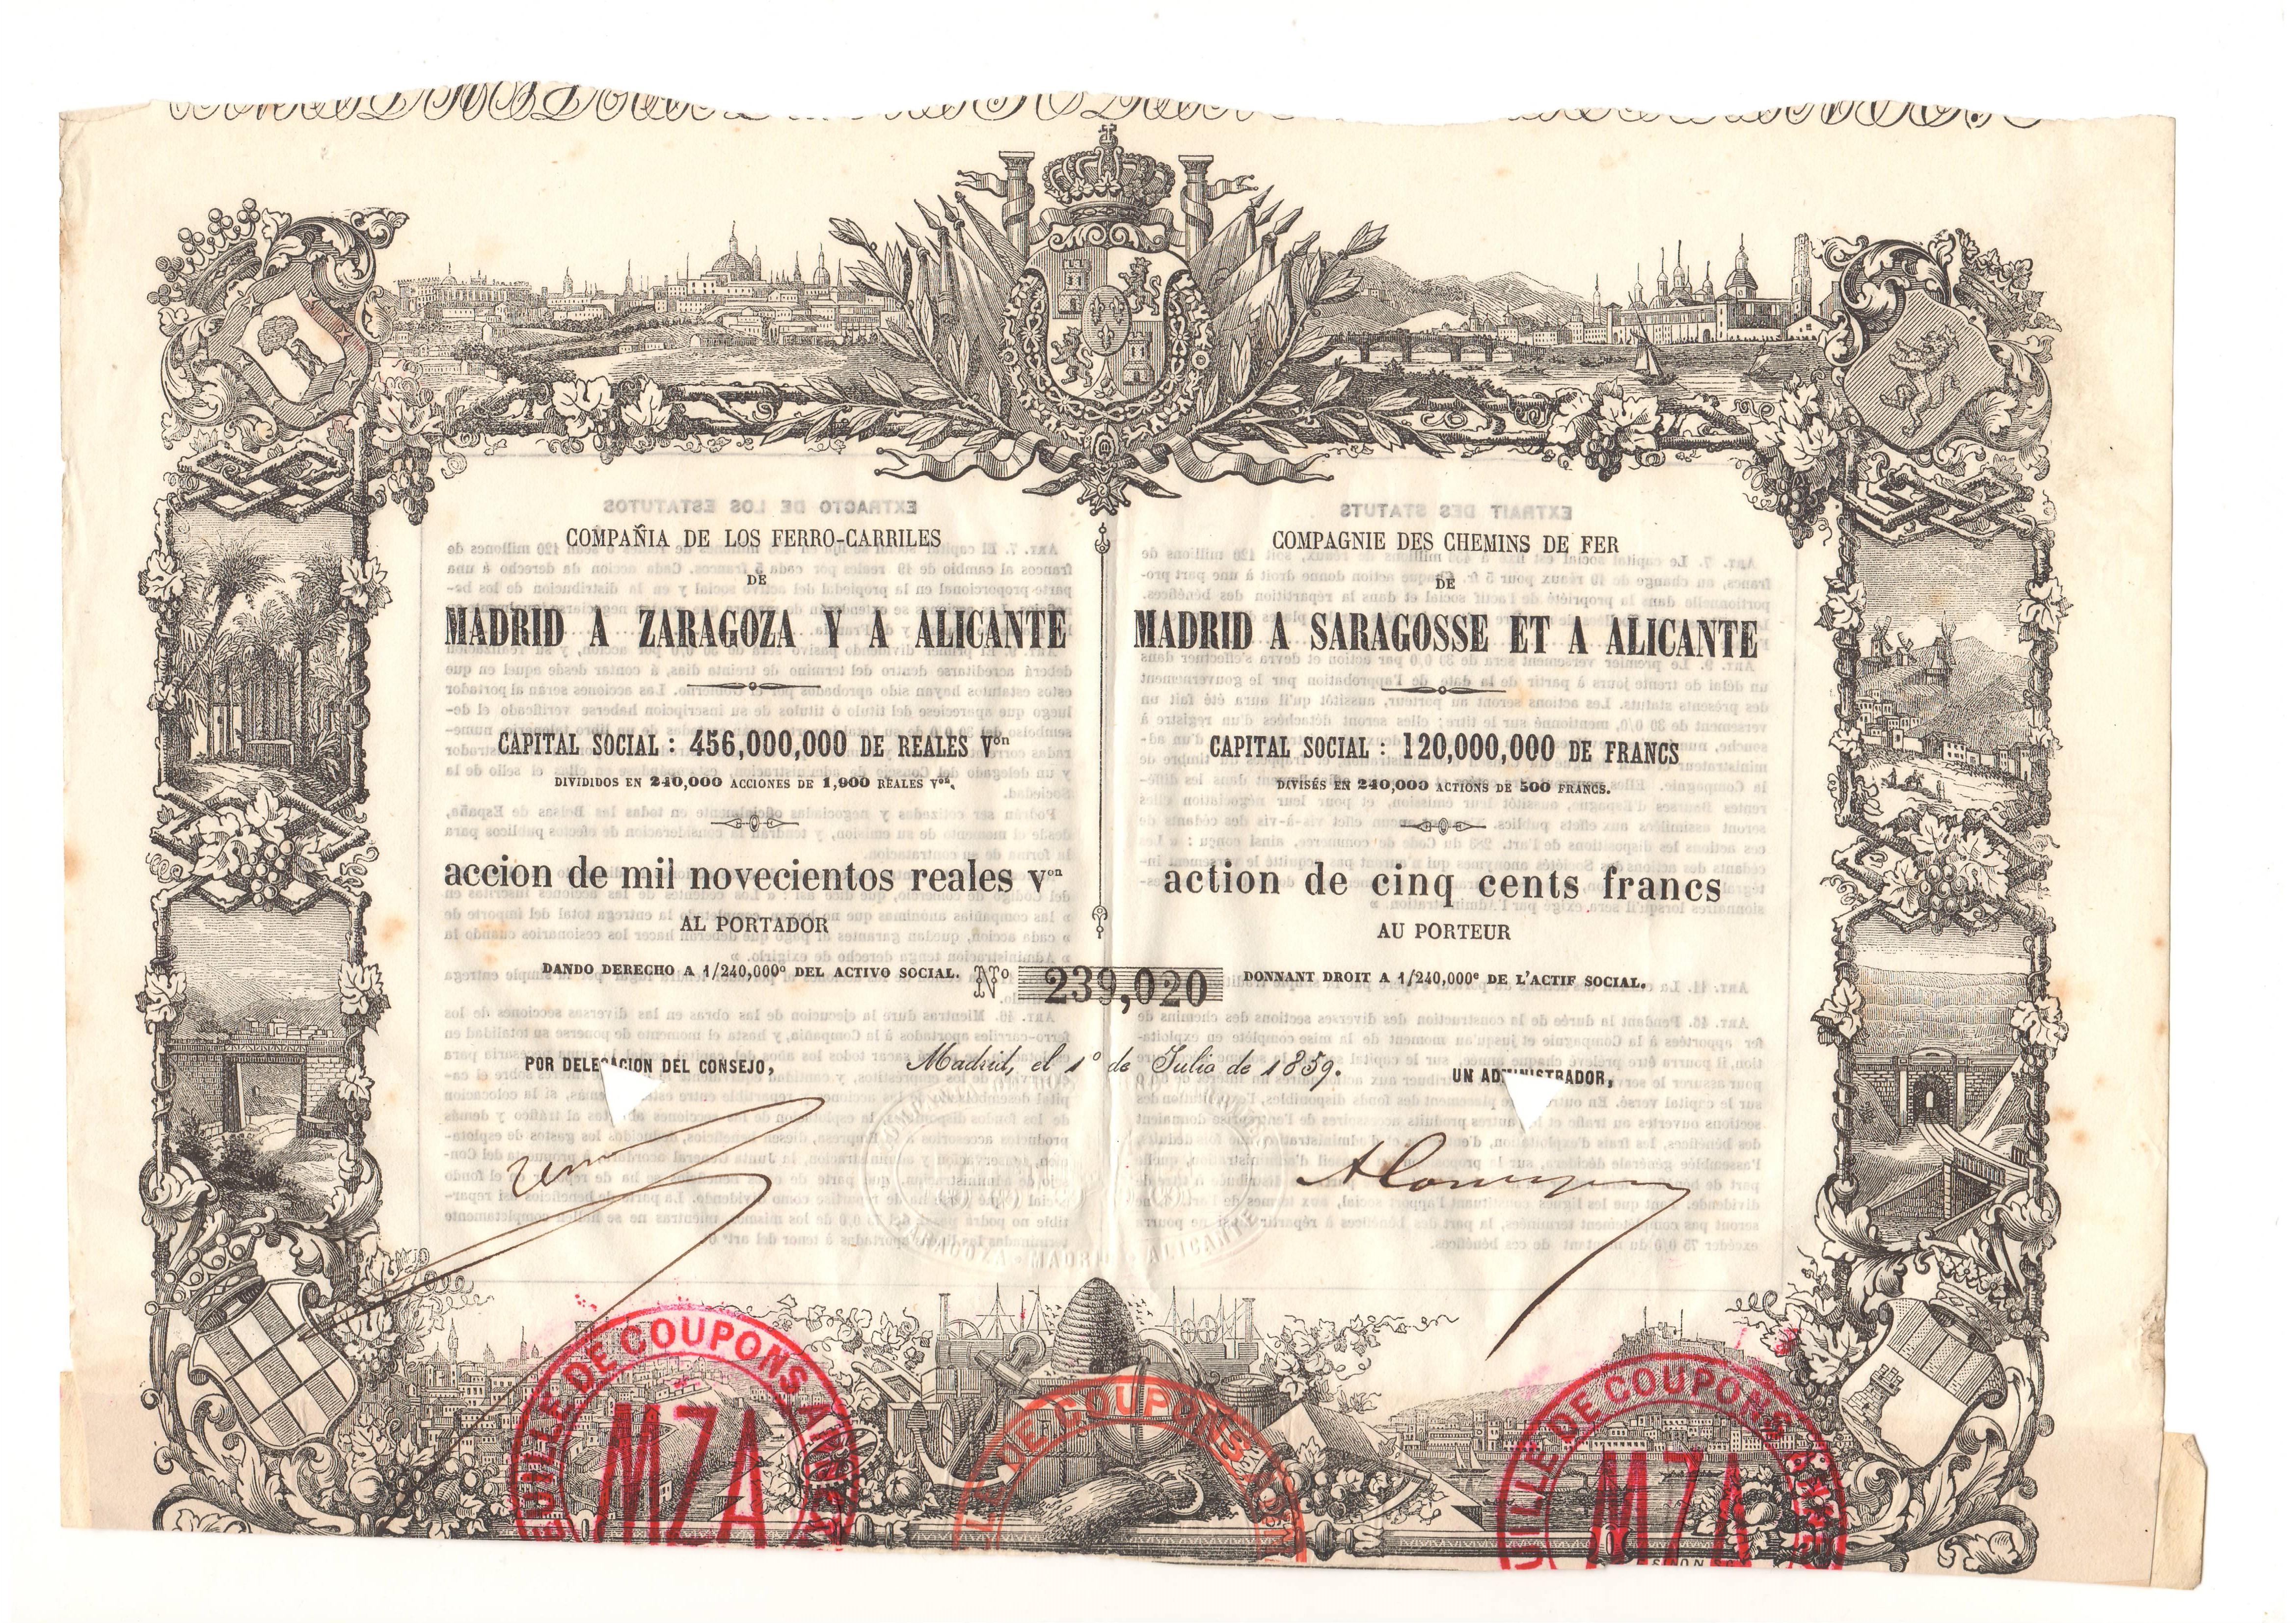 Compañía de los Ferrocarriles de Madrid a Zaragoza y a Alicante